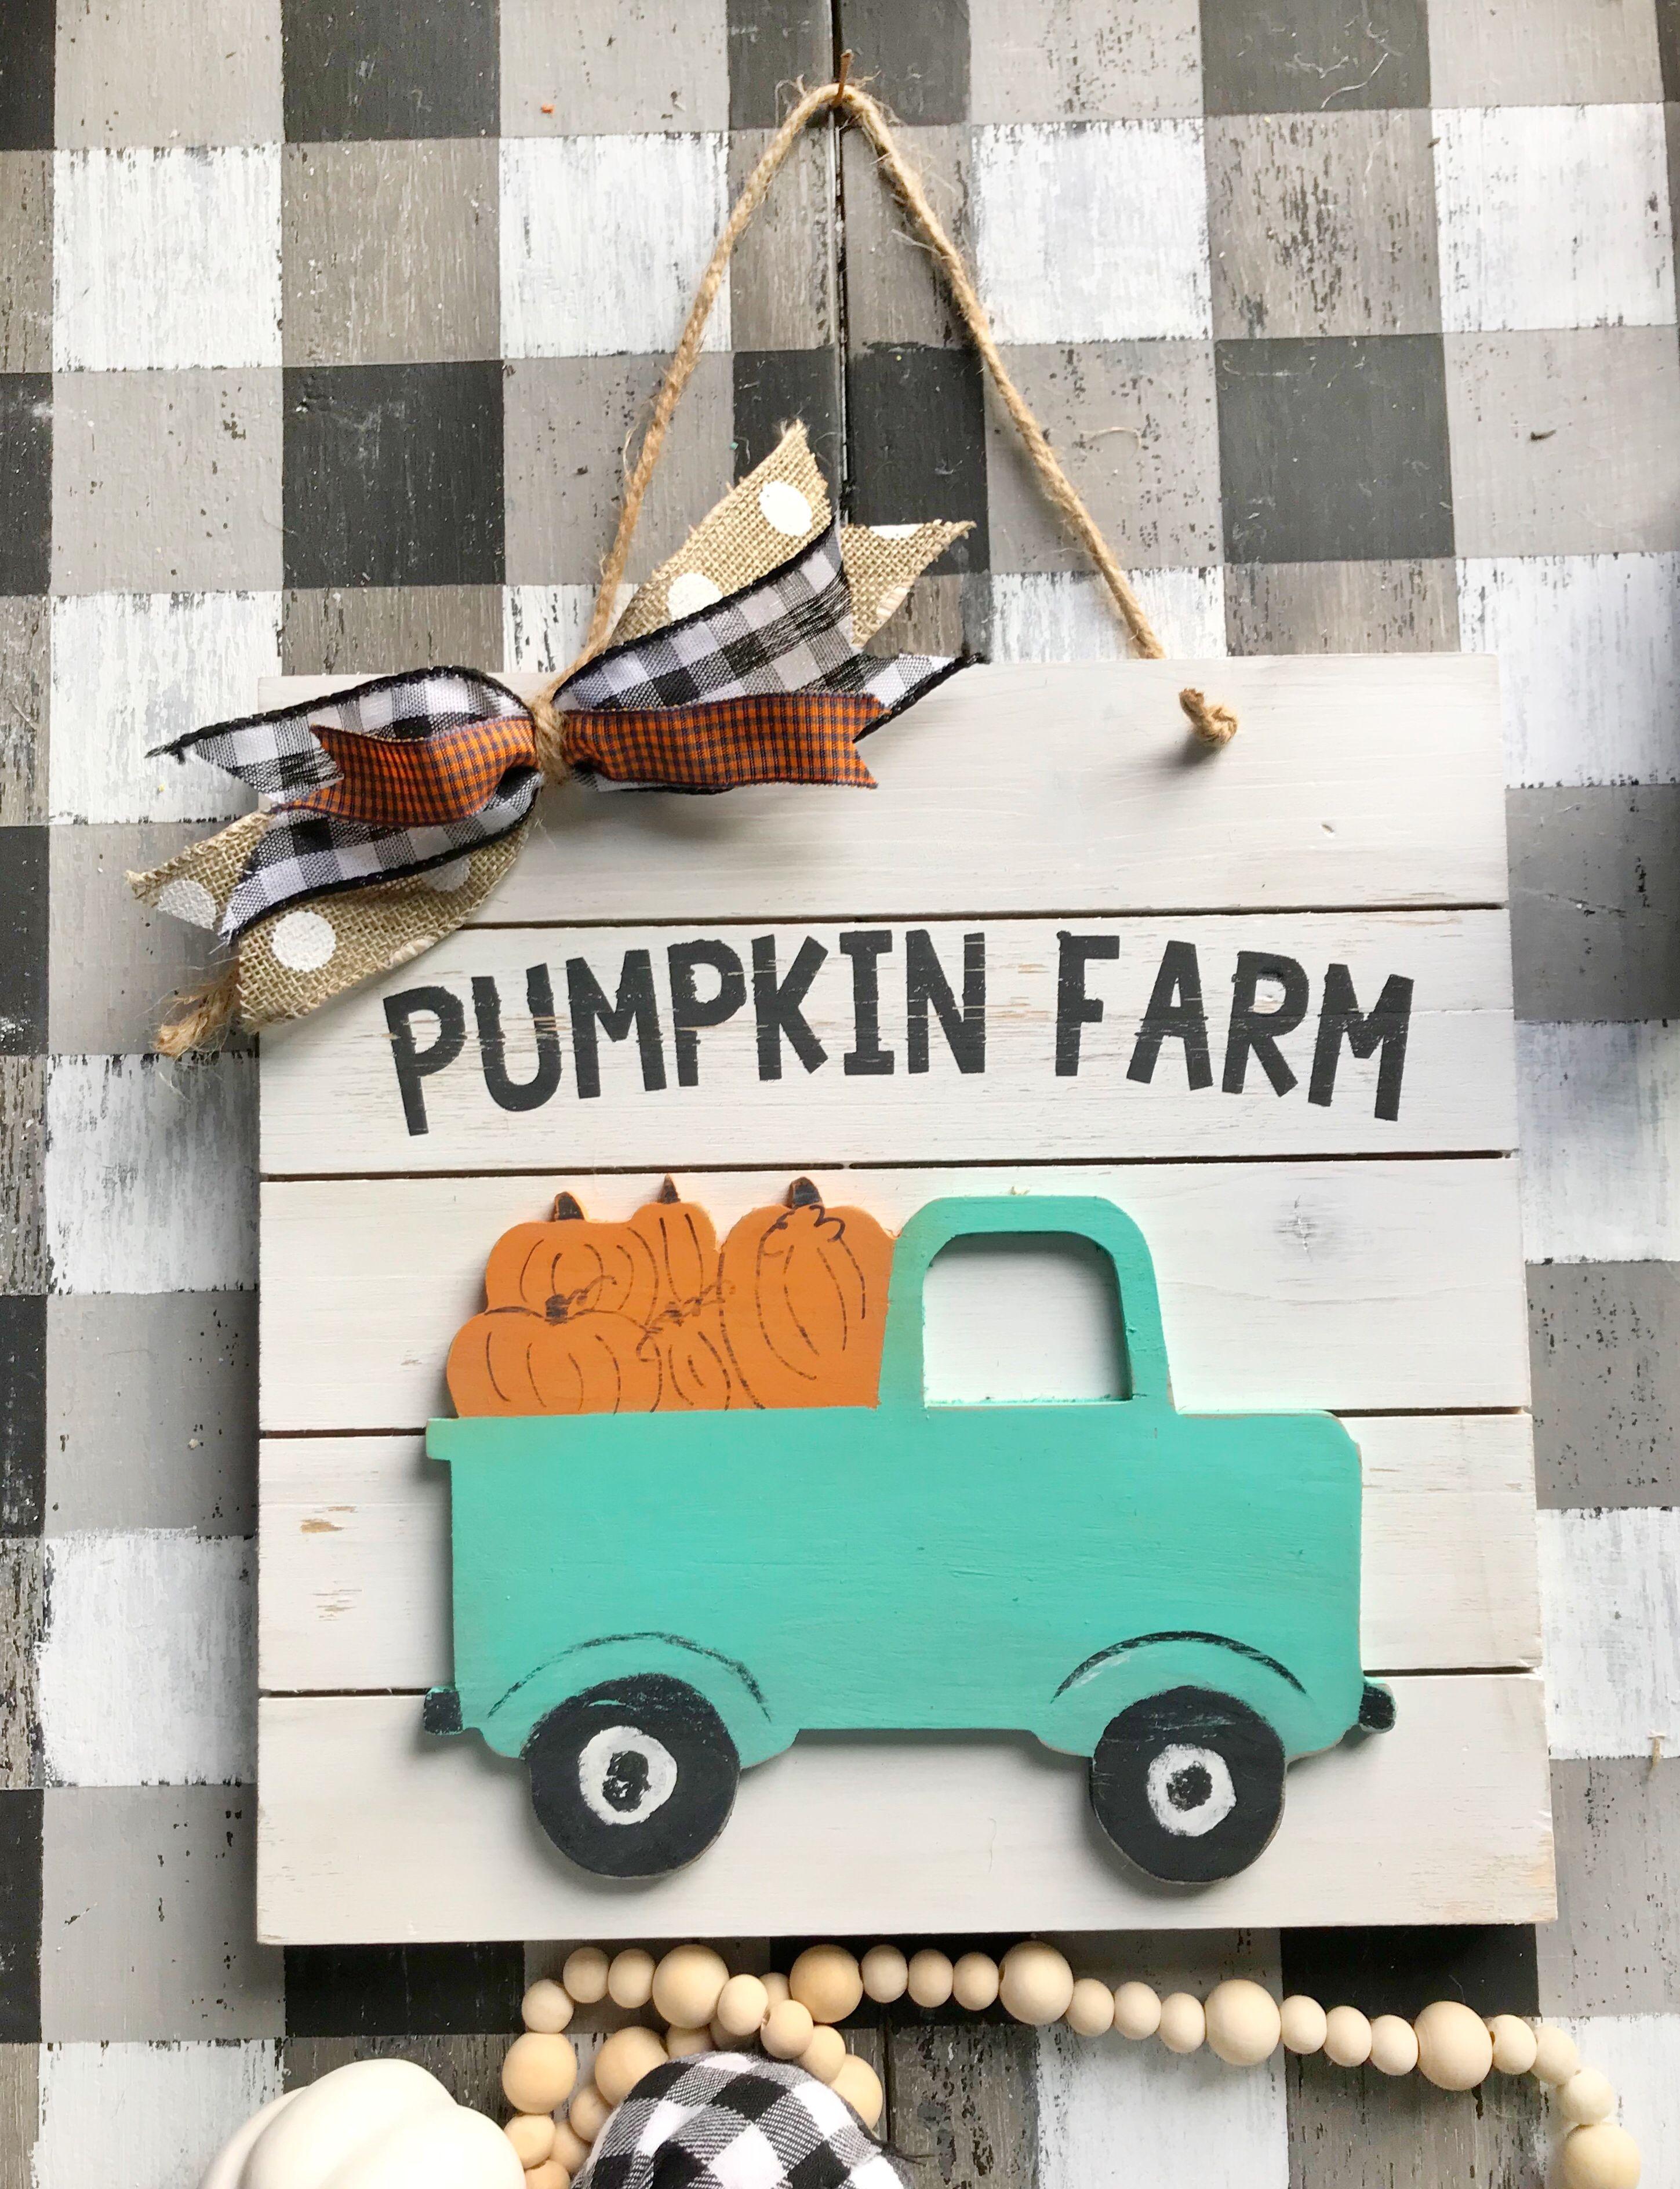 Pumpkin Farm Fall Wood Sign Farmhouse Truck Farmhouse Sign Etsy Fall Wood Signs Pumpkin Farm Wood Signs